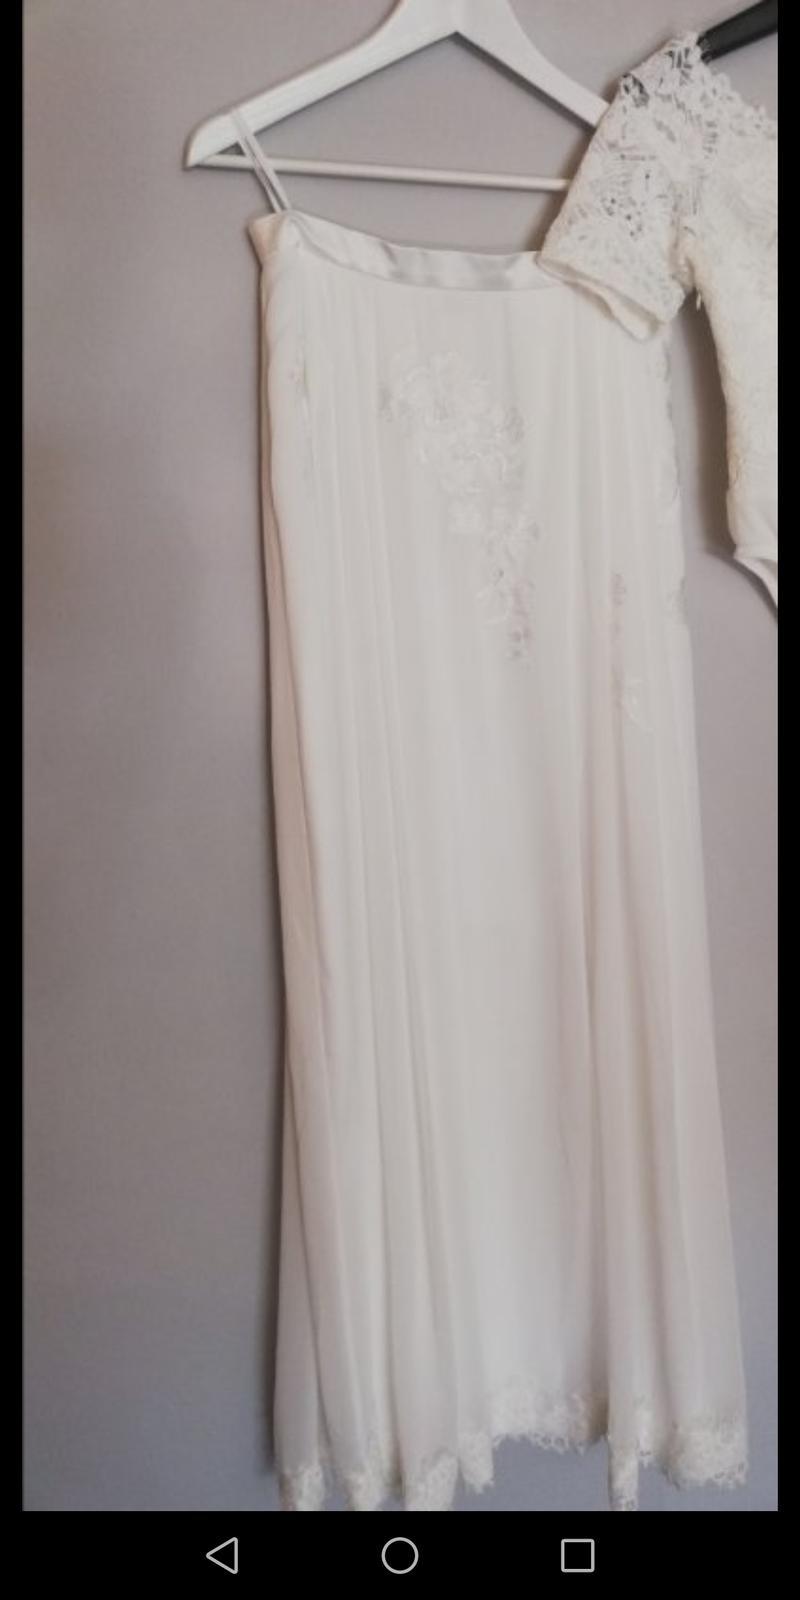 svadobná sukňa a body, veľkosť 40 - Obrázok č. 2